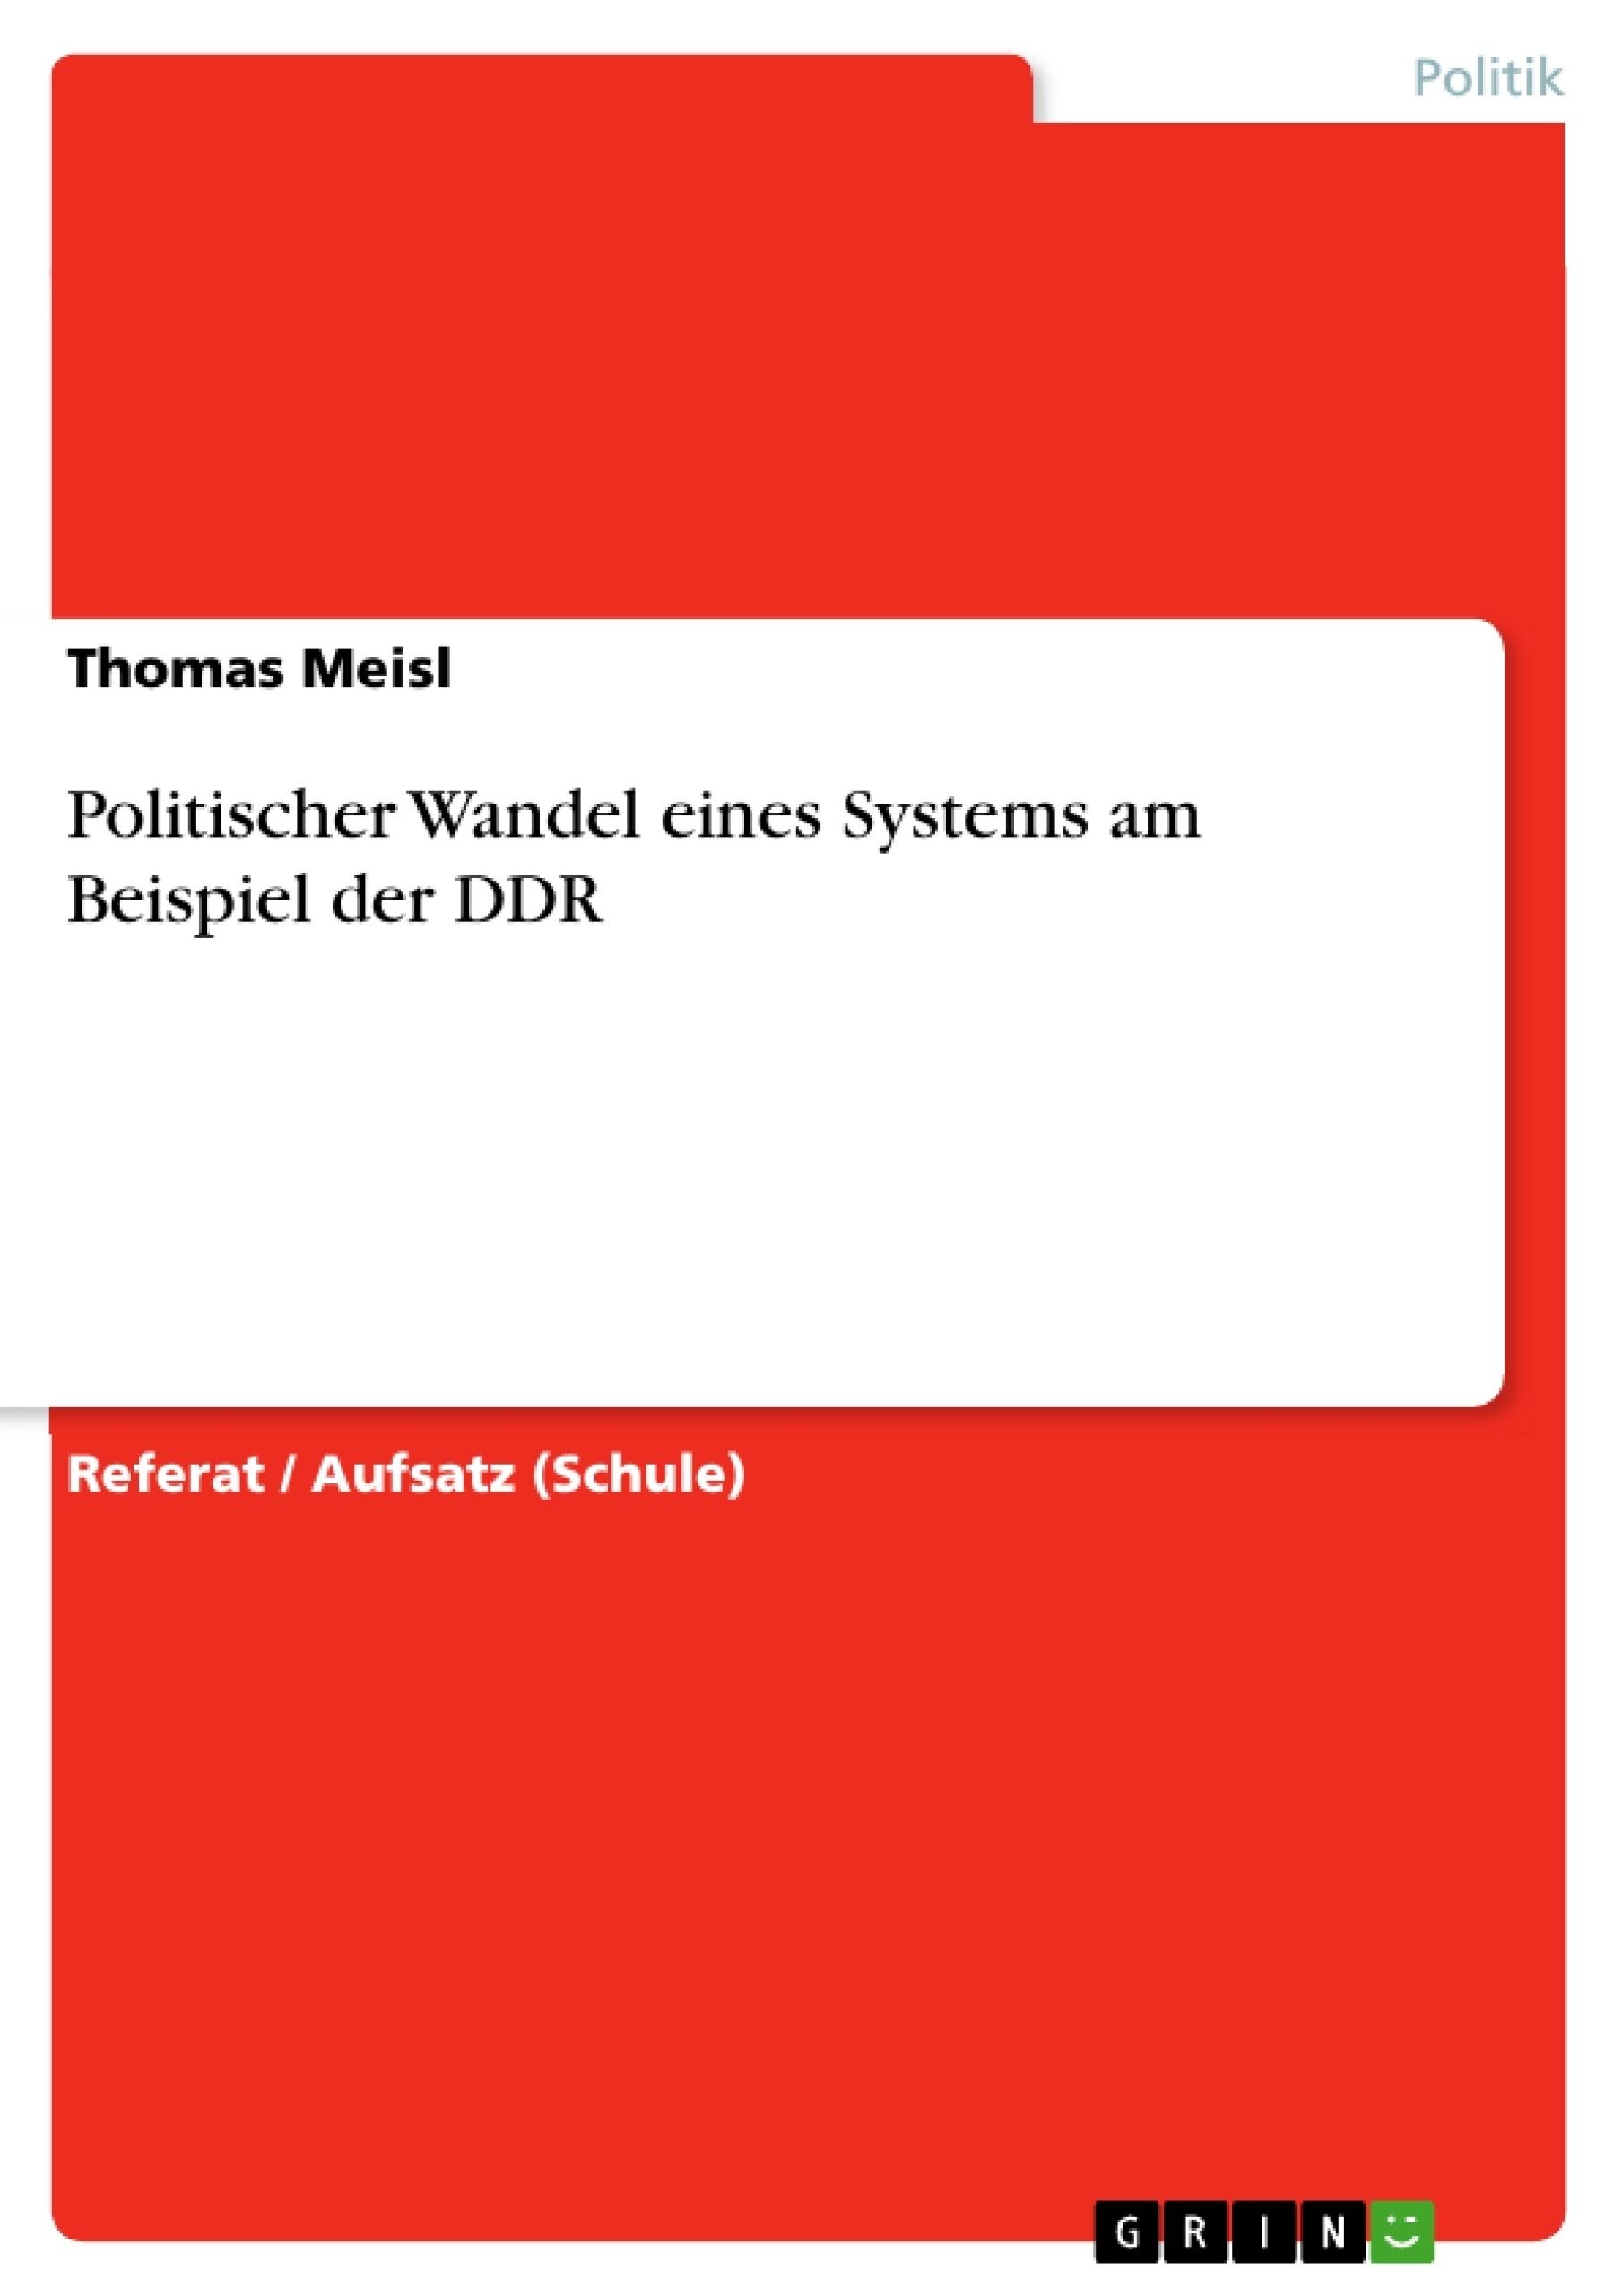 Titel: Politischer Wandel eines Systems am Beispiel der DDR